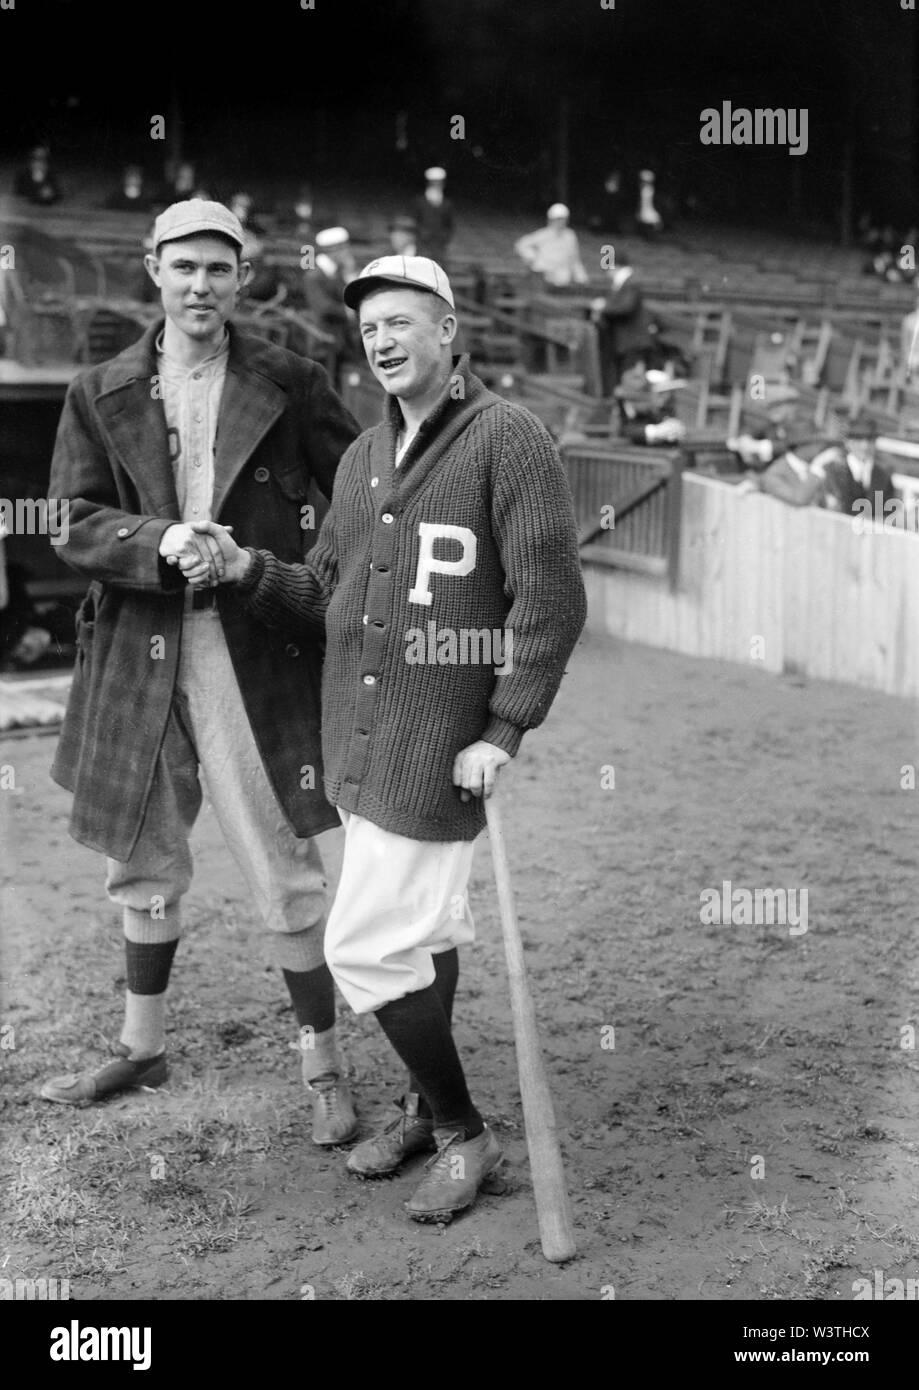 Ernie Shore (izquierda), Boston Red Sox, y Grover Cleveland Alexander, Filis de Filadelfia, un apretón de manos durante la Serie Mundial, Philadelphia, Pennsylvania, EE.UU., el Servicio de Noticias Bain, 1915 Imagen De Stock